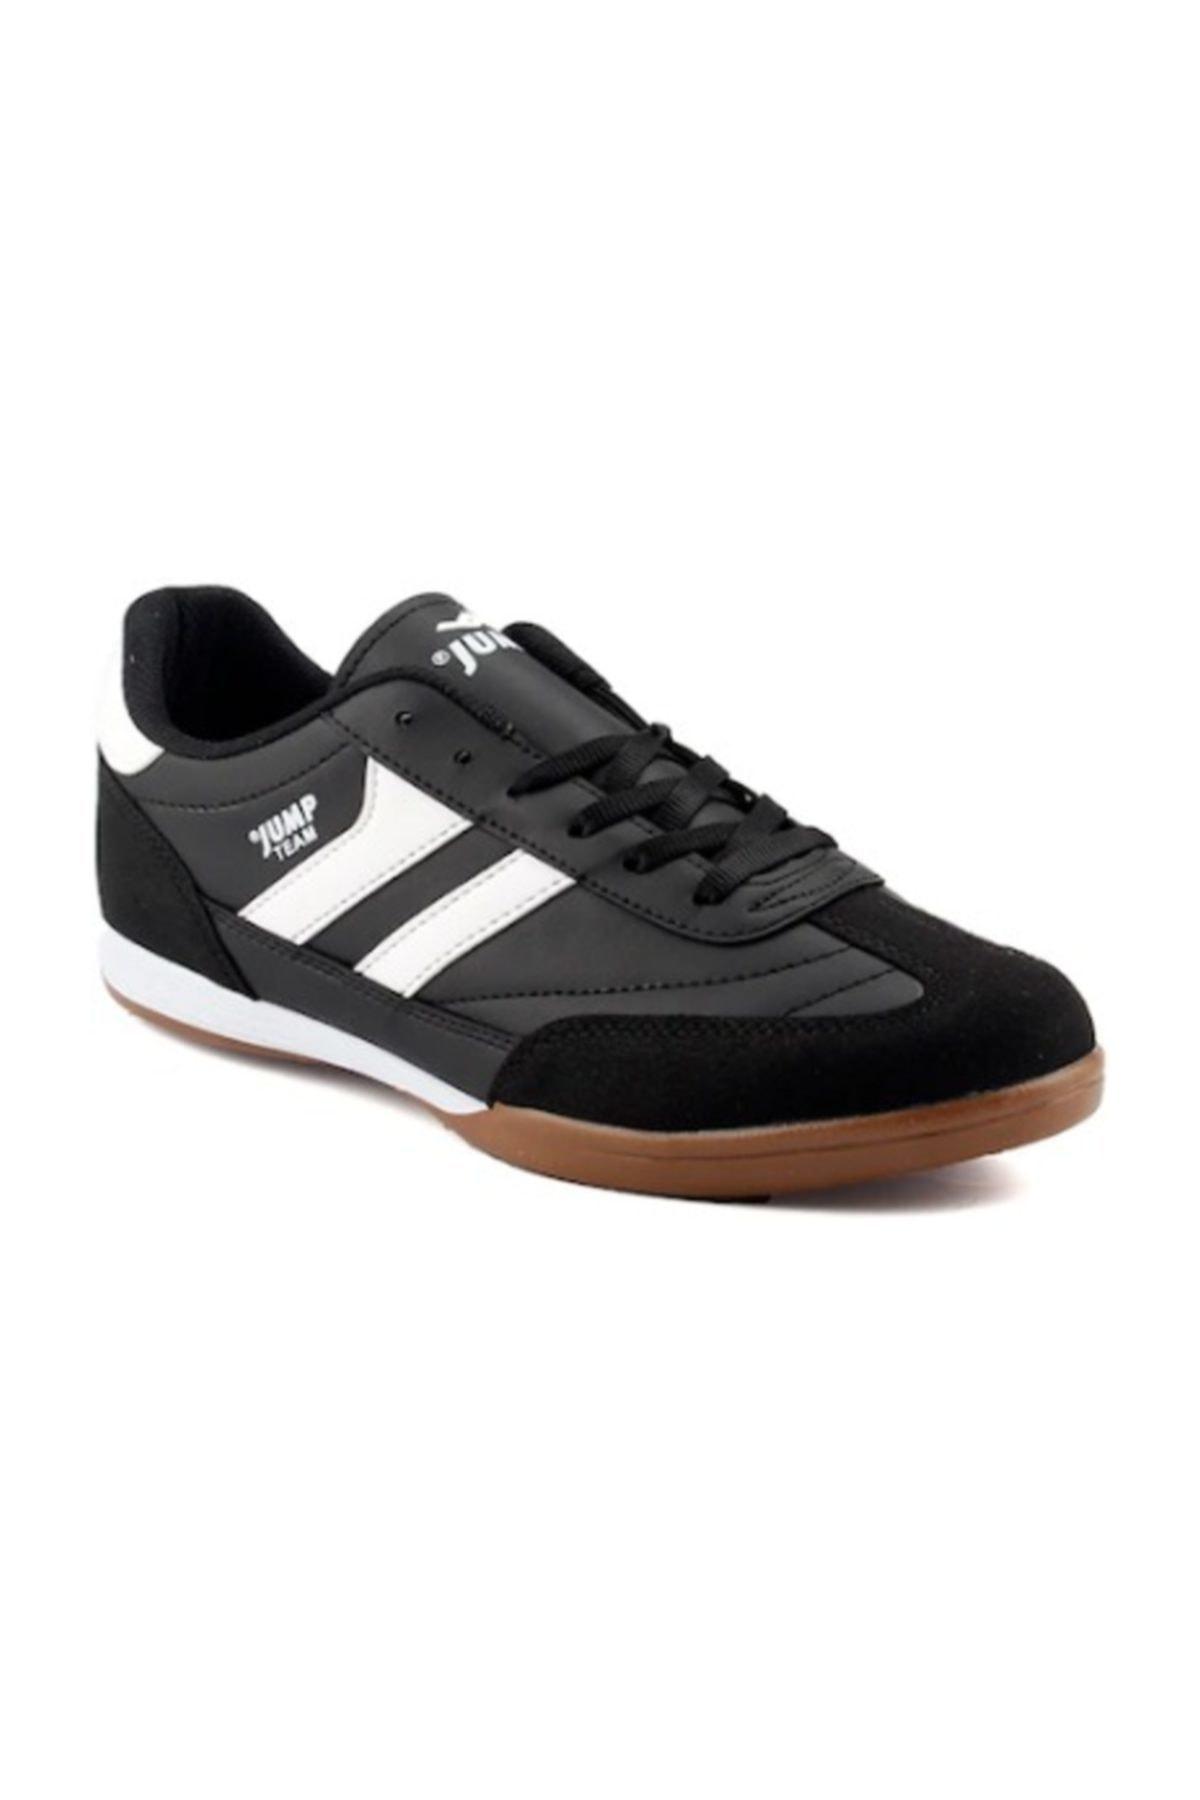 خرید اینترنتی کفش والیبال مردانه فانتزی برند Jump رنگ مشکی کد ty37079100